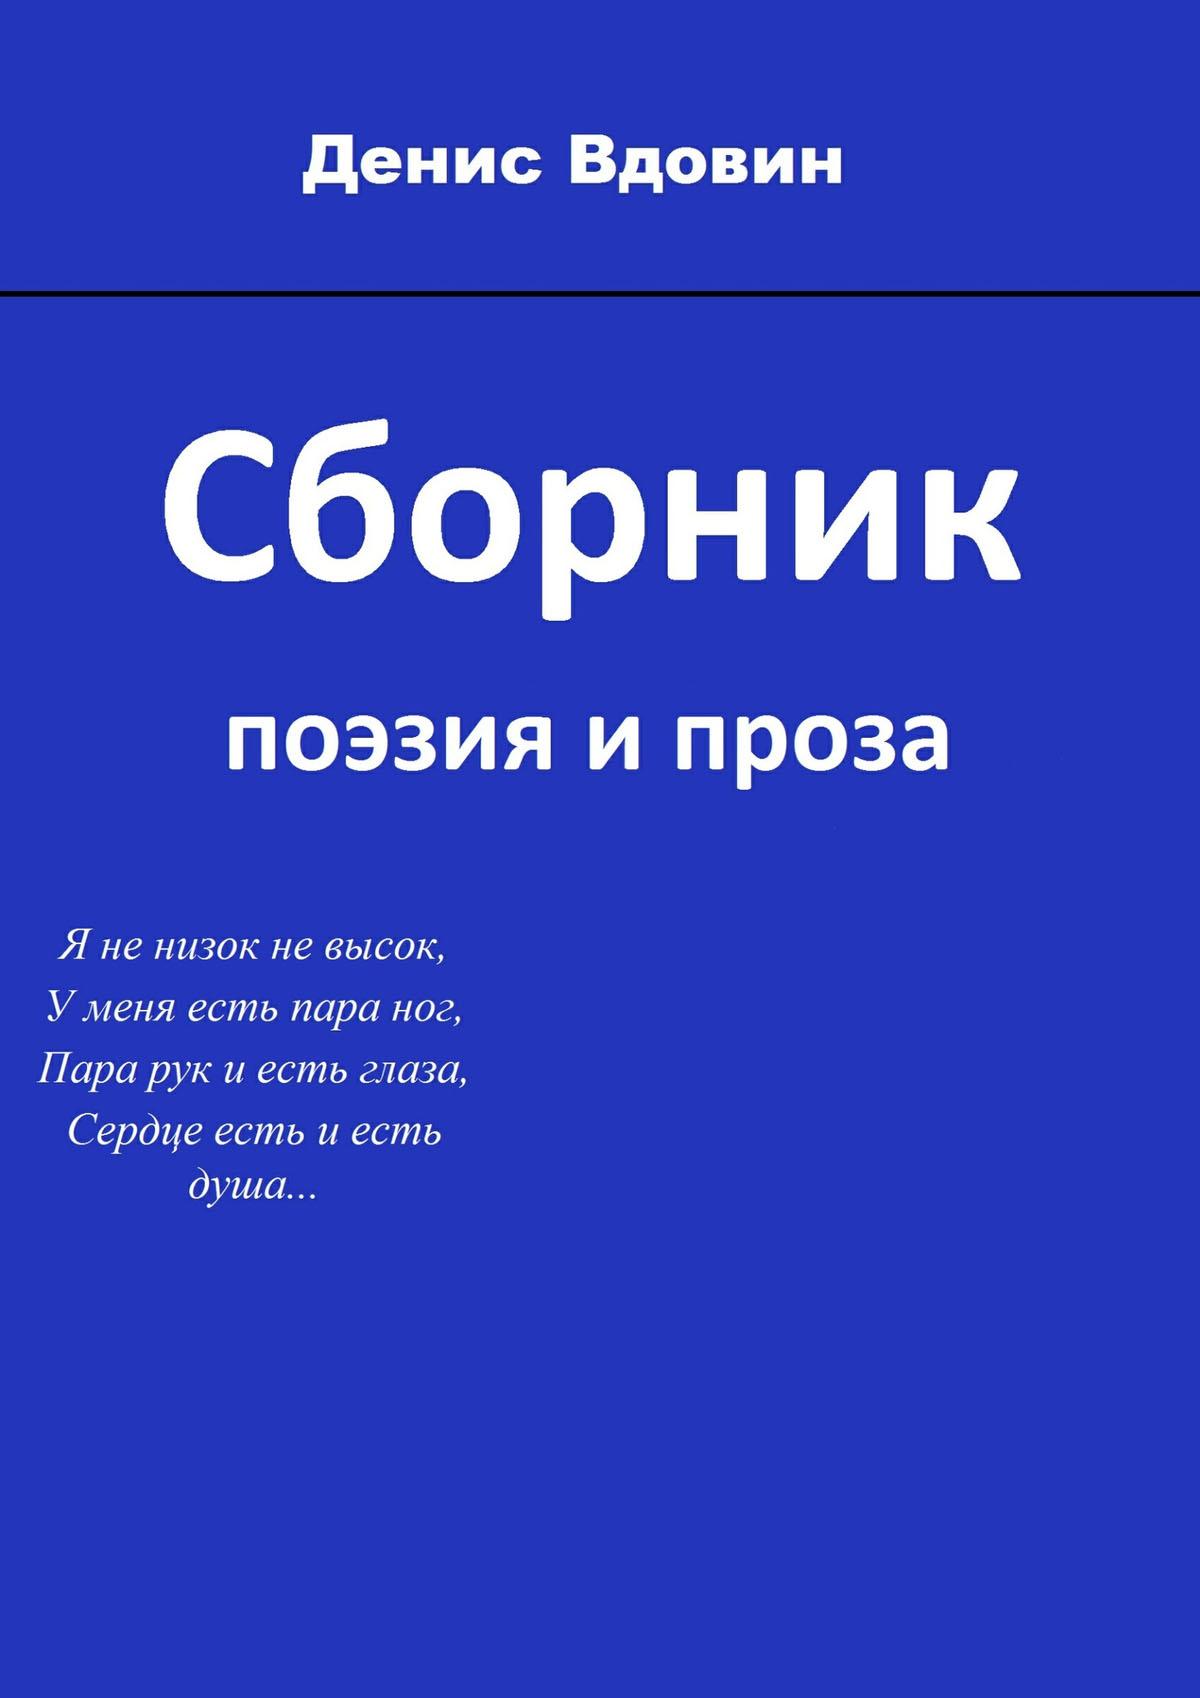 Денис Вдовин Сборник цена